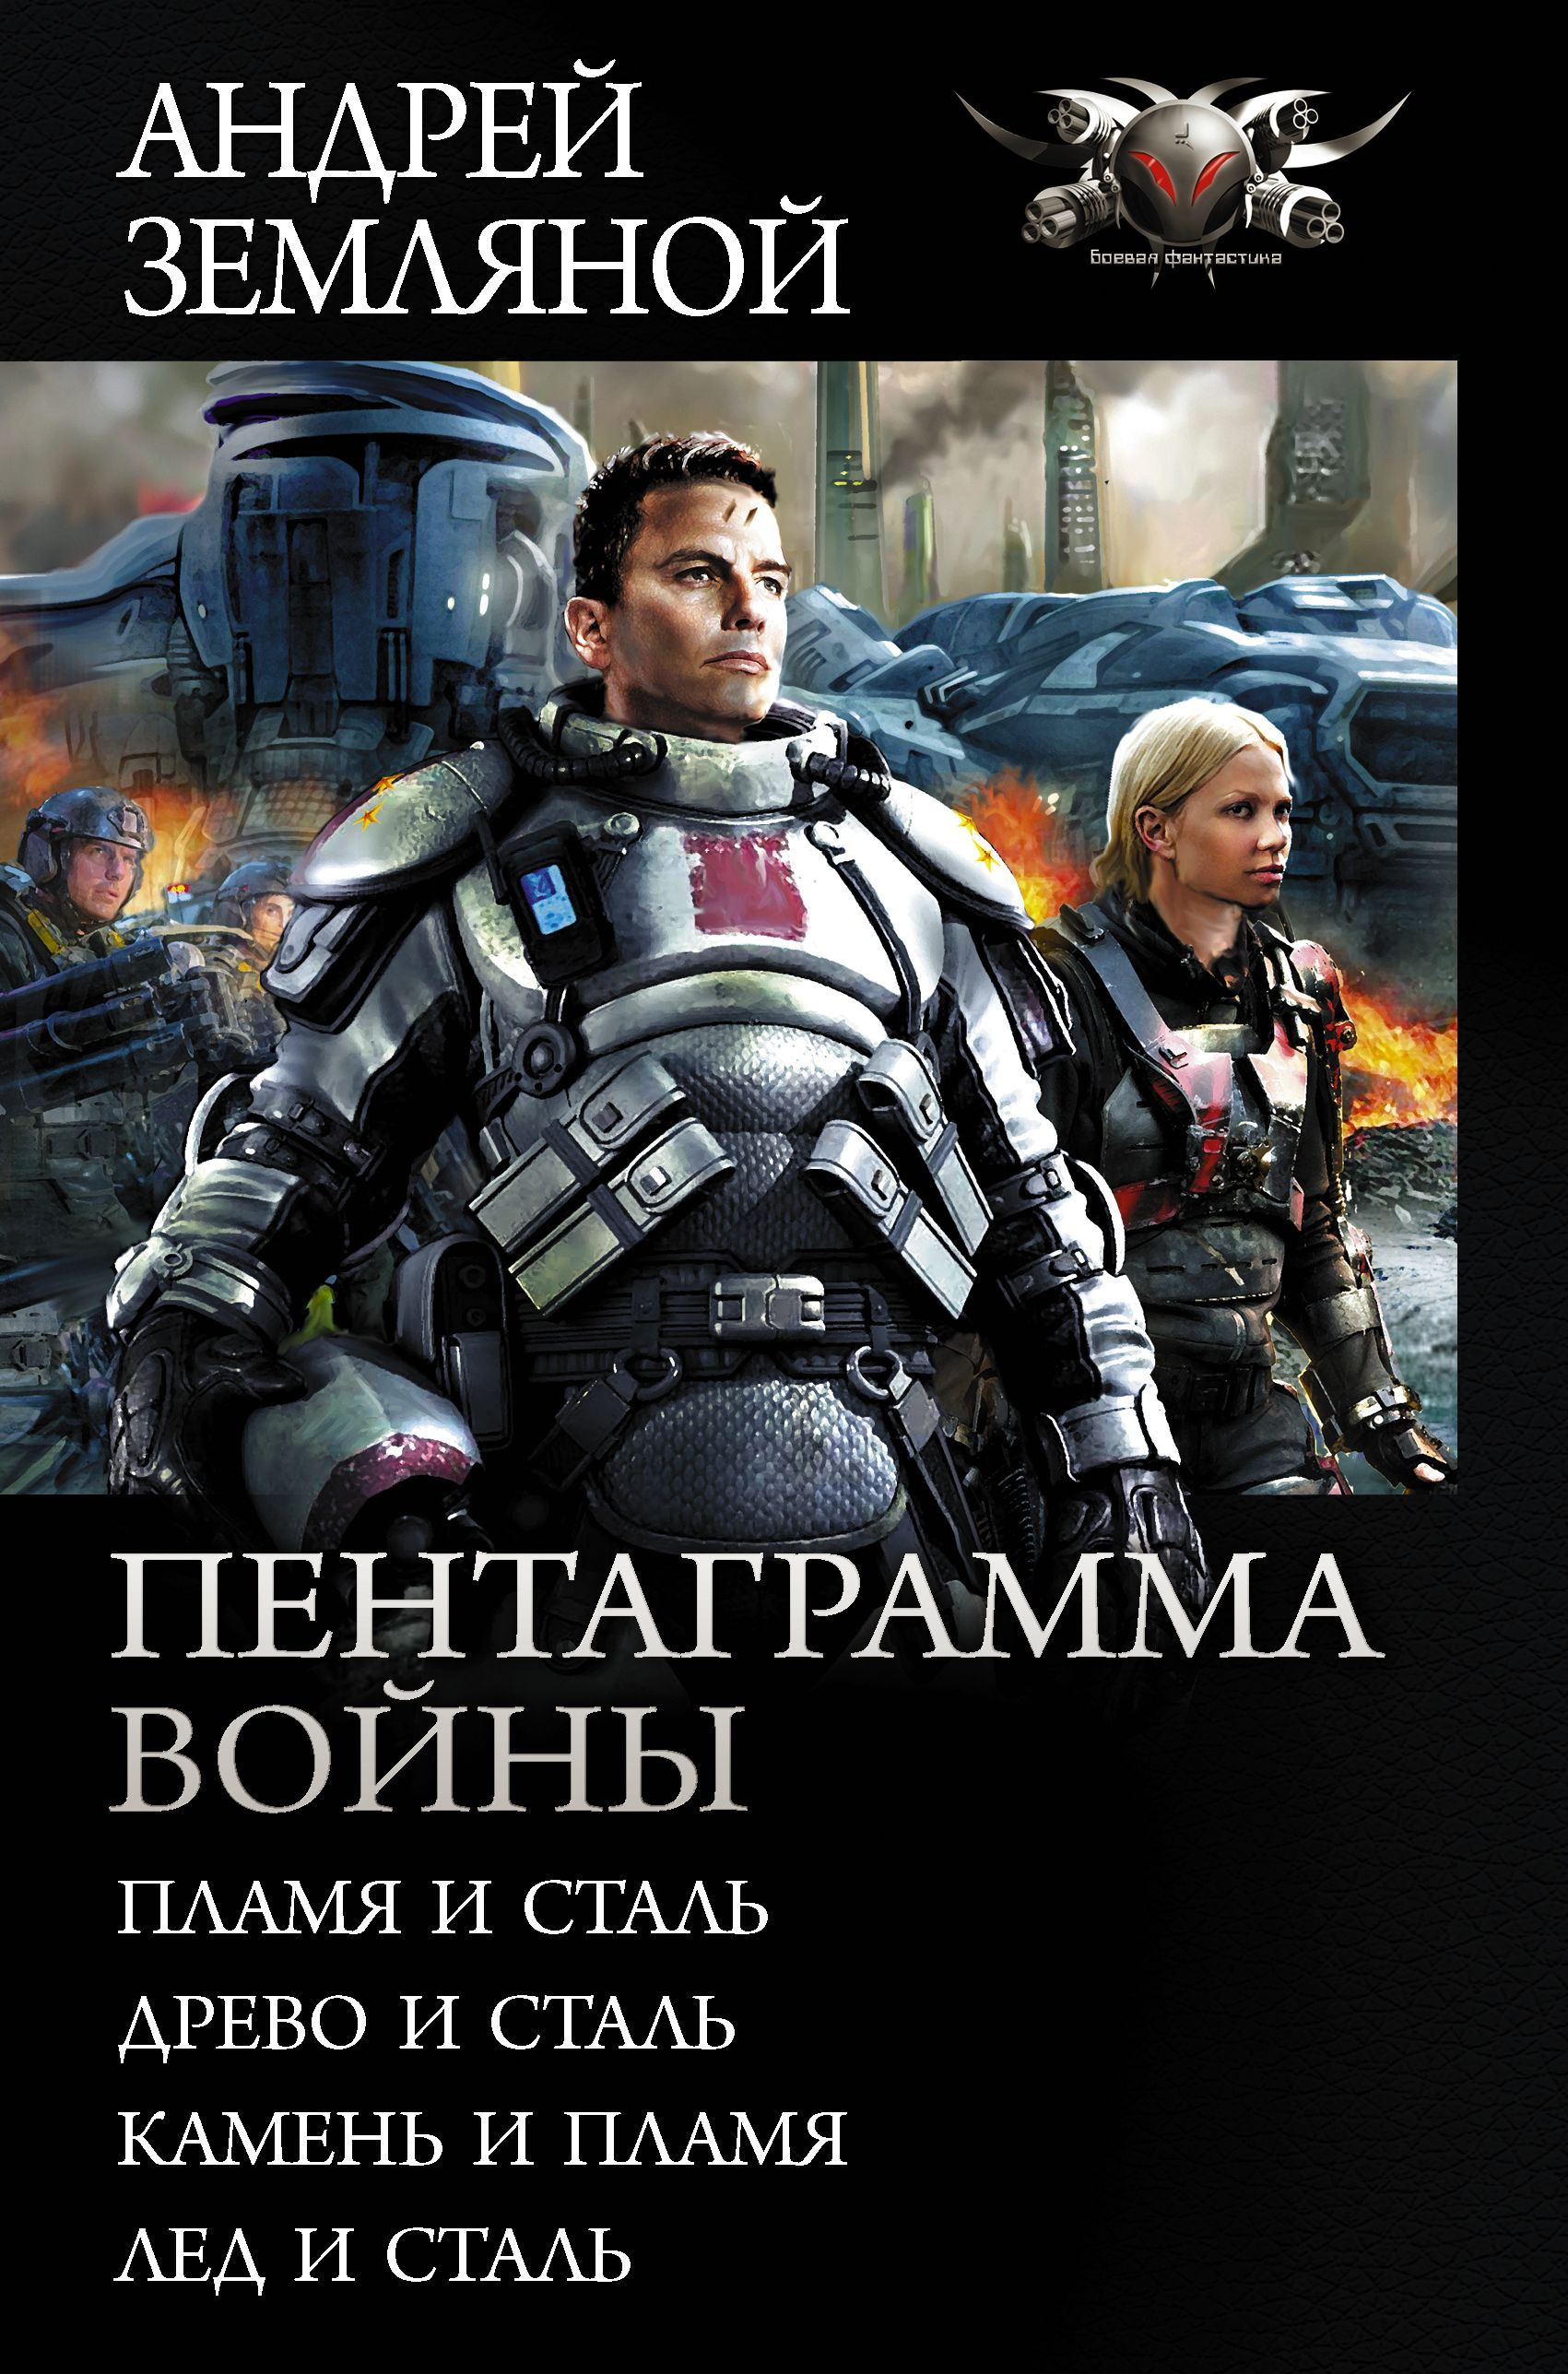 Пентаграмма войны: Пламя и сталь, Древо и сталь, Камень и пламя, Лёд и сталь